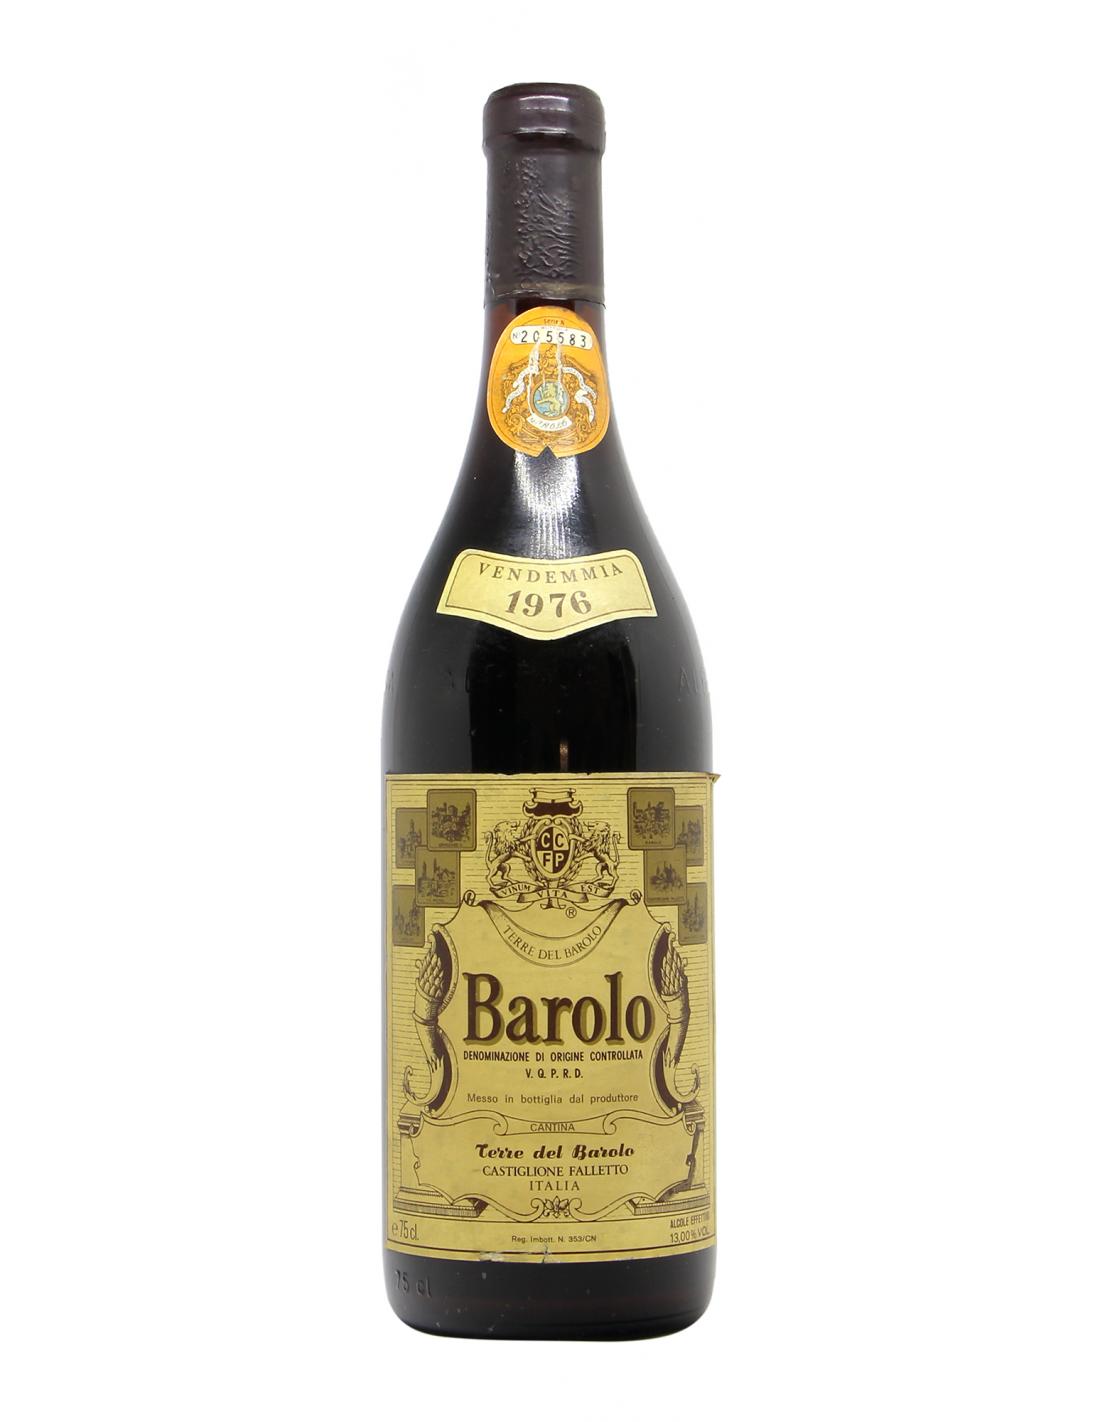 BAROLO 1976 TERRE DEL BAROLO Grandi Bottiglie